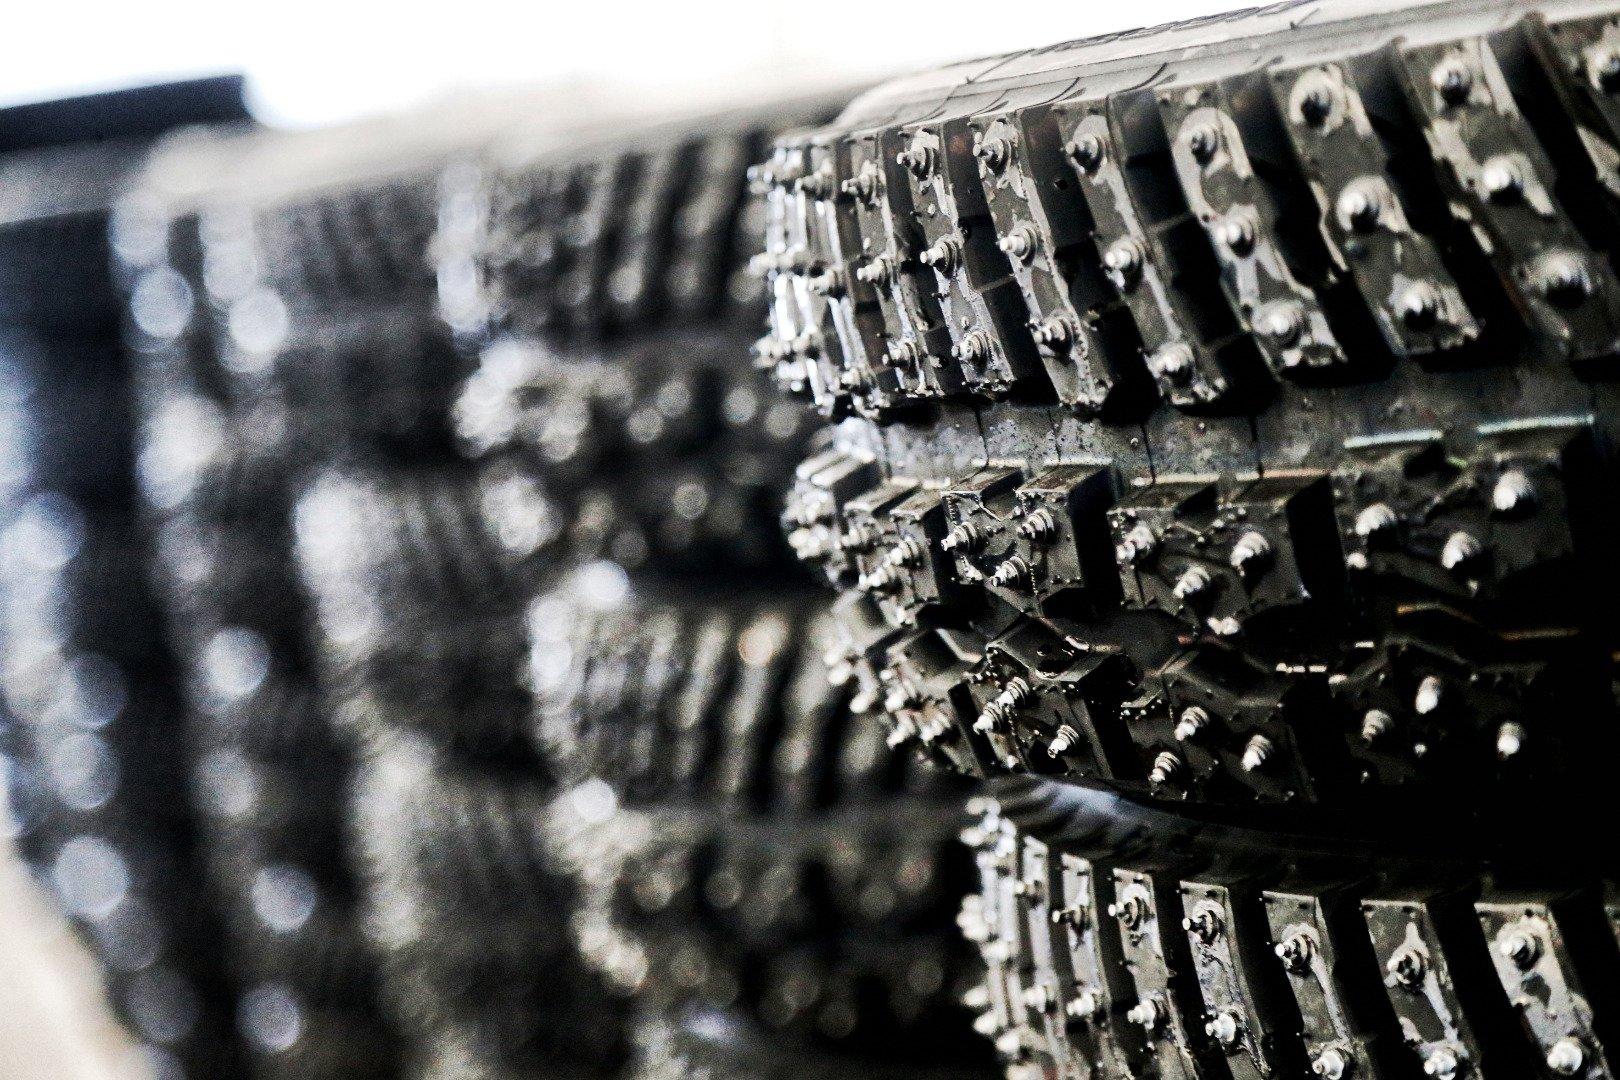 Гумите са едни от отпадъците, които често се използват за горене